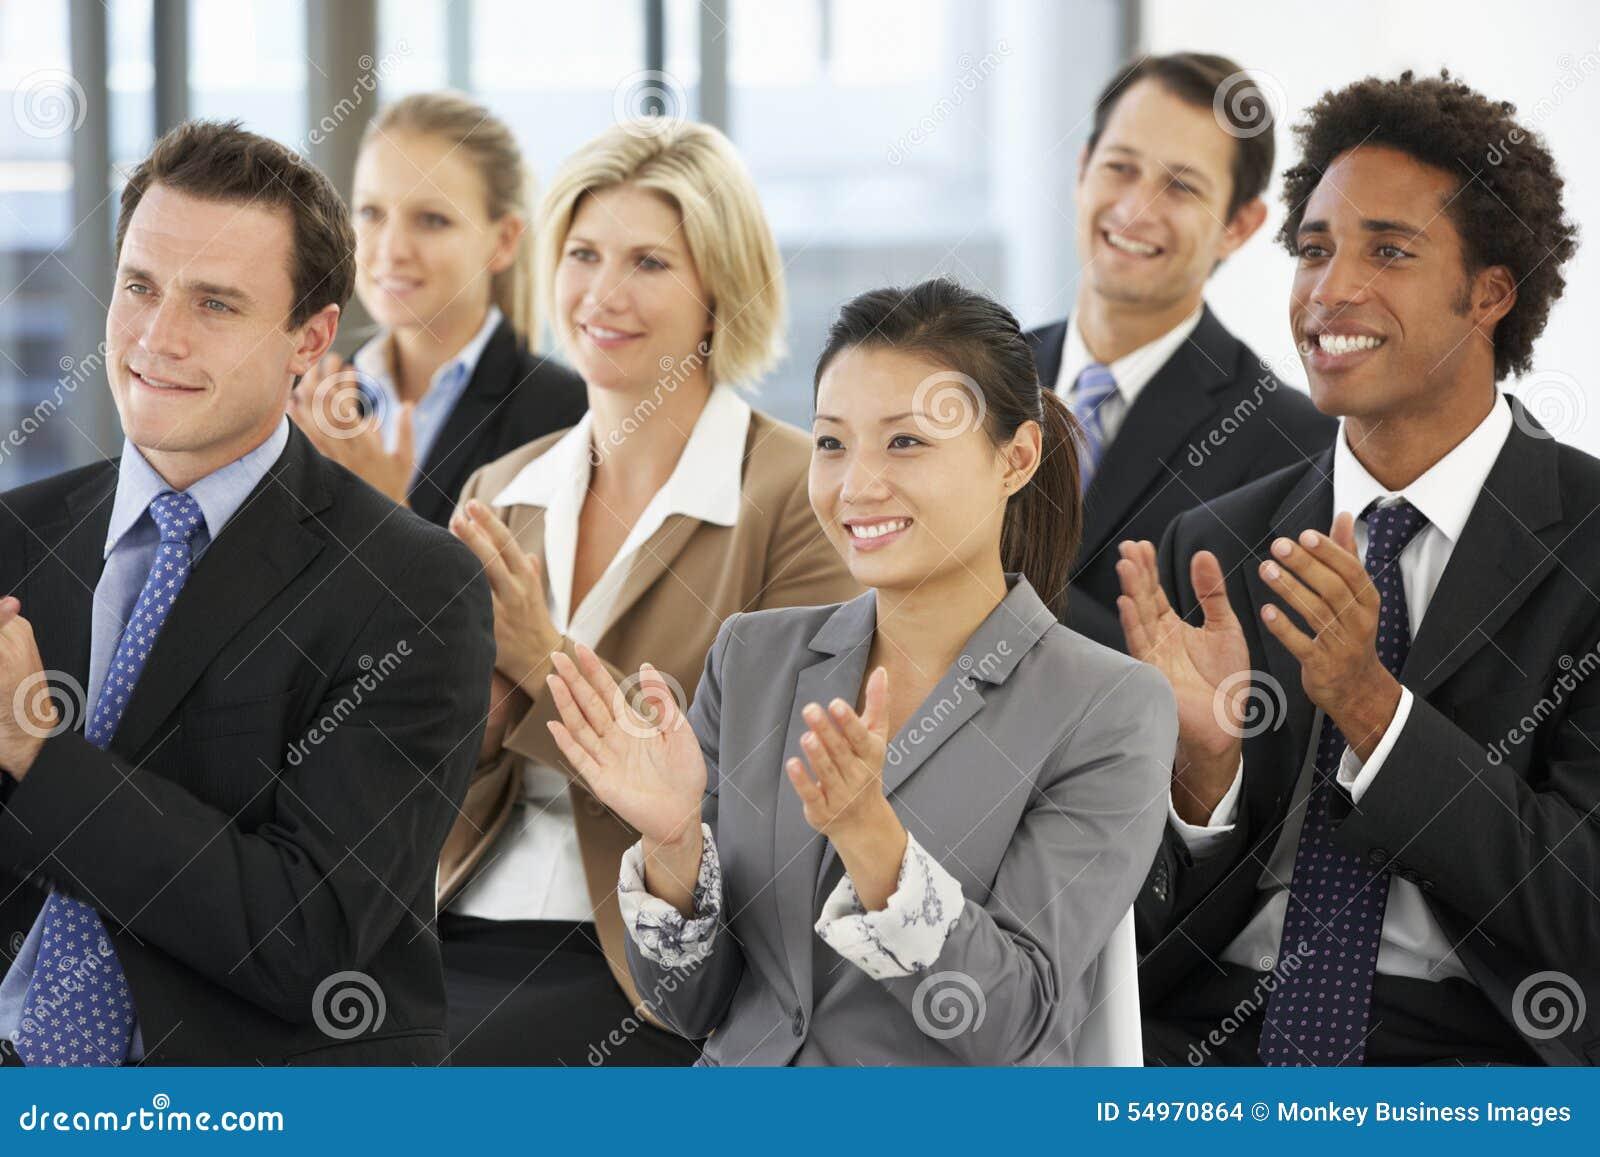 Ομάδα επιχειρηματιών που επιδοκιμάζουν τον ομιλητή στο τέλος μιας παρουσίασης